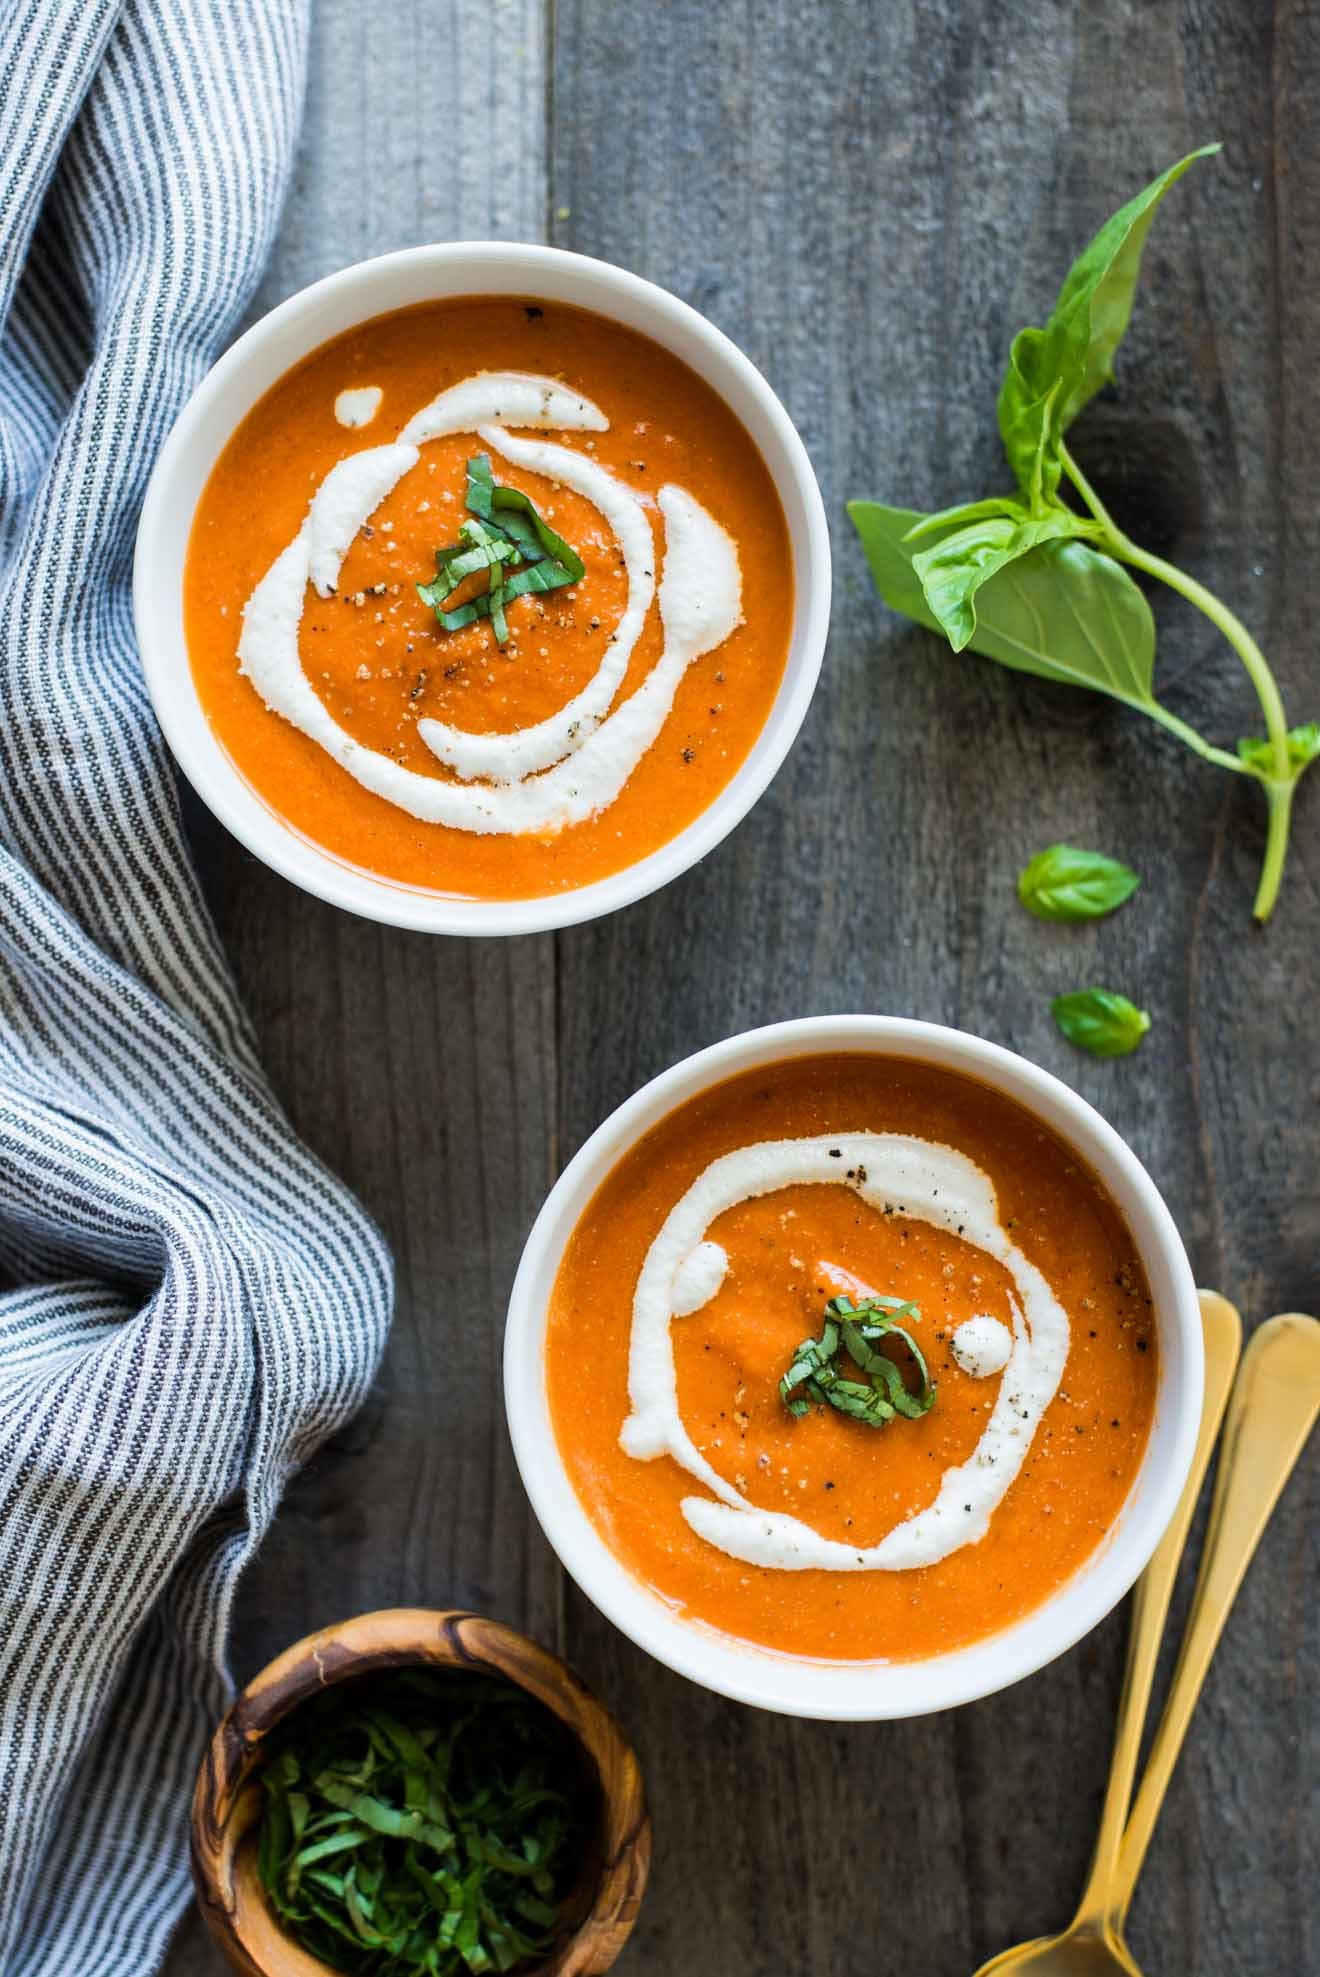 Vegan Tomato Soup Recipes  Vegan Tomato Soup